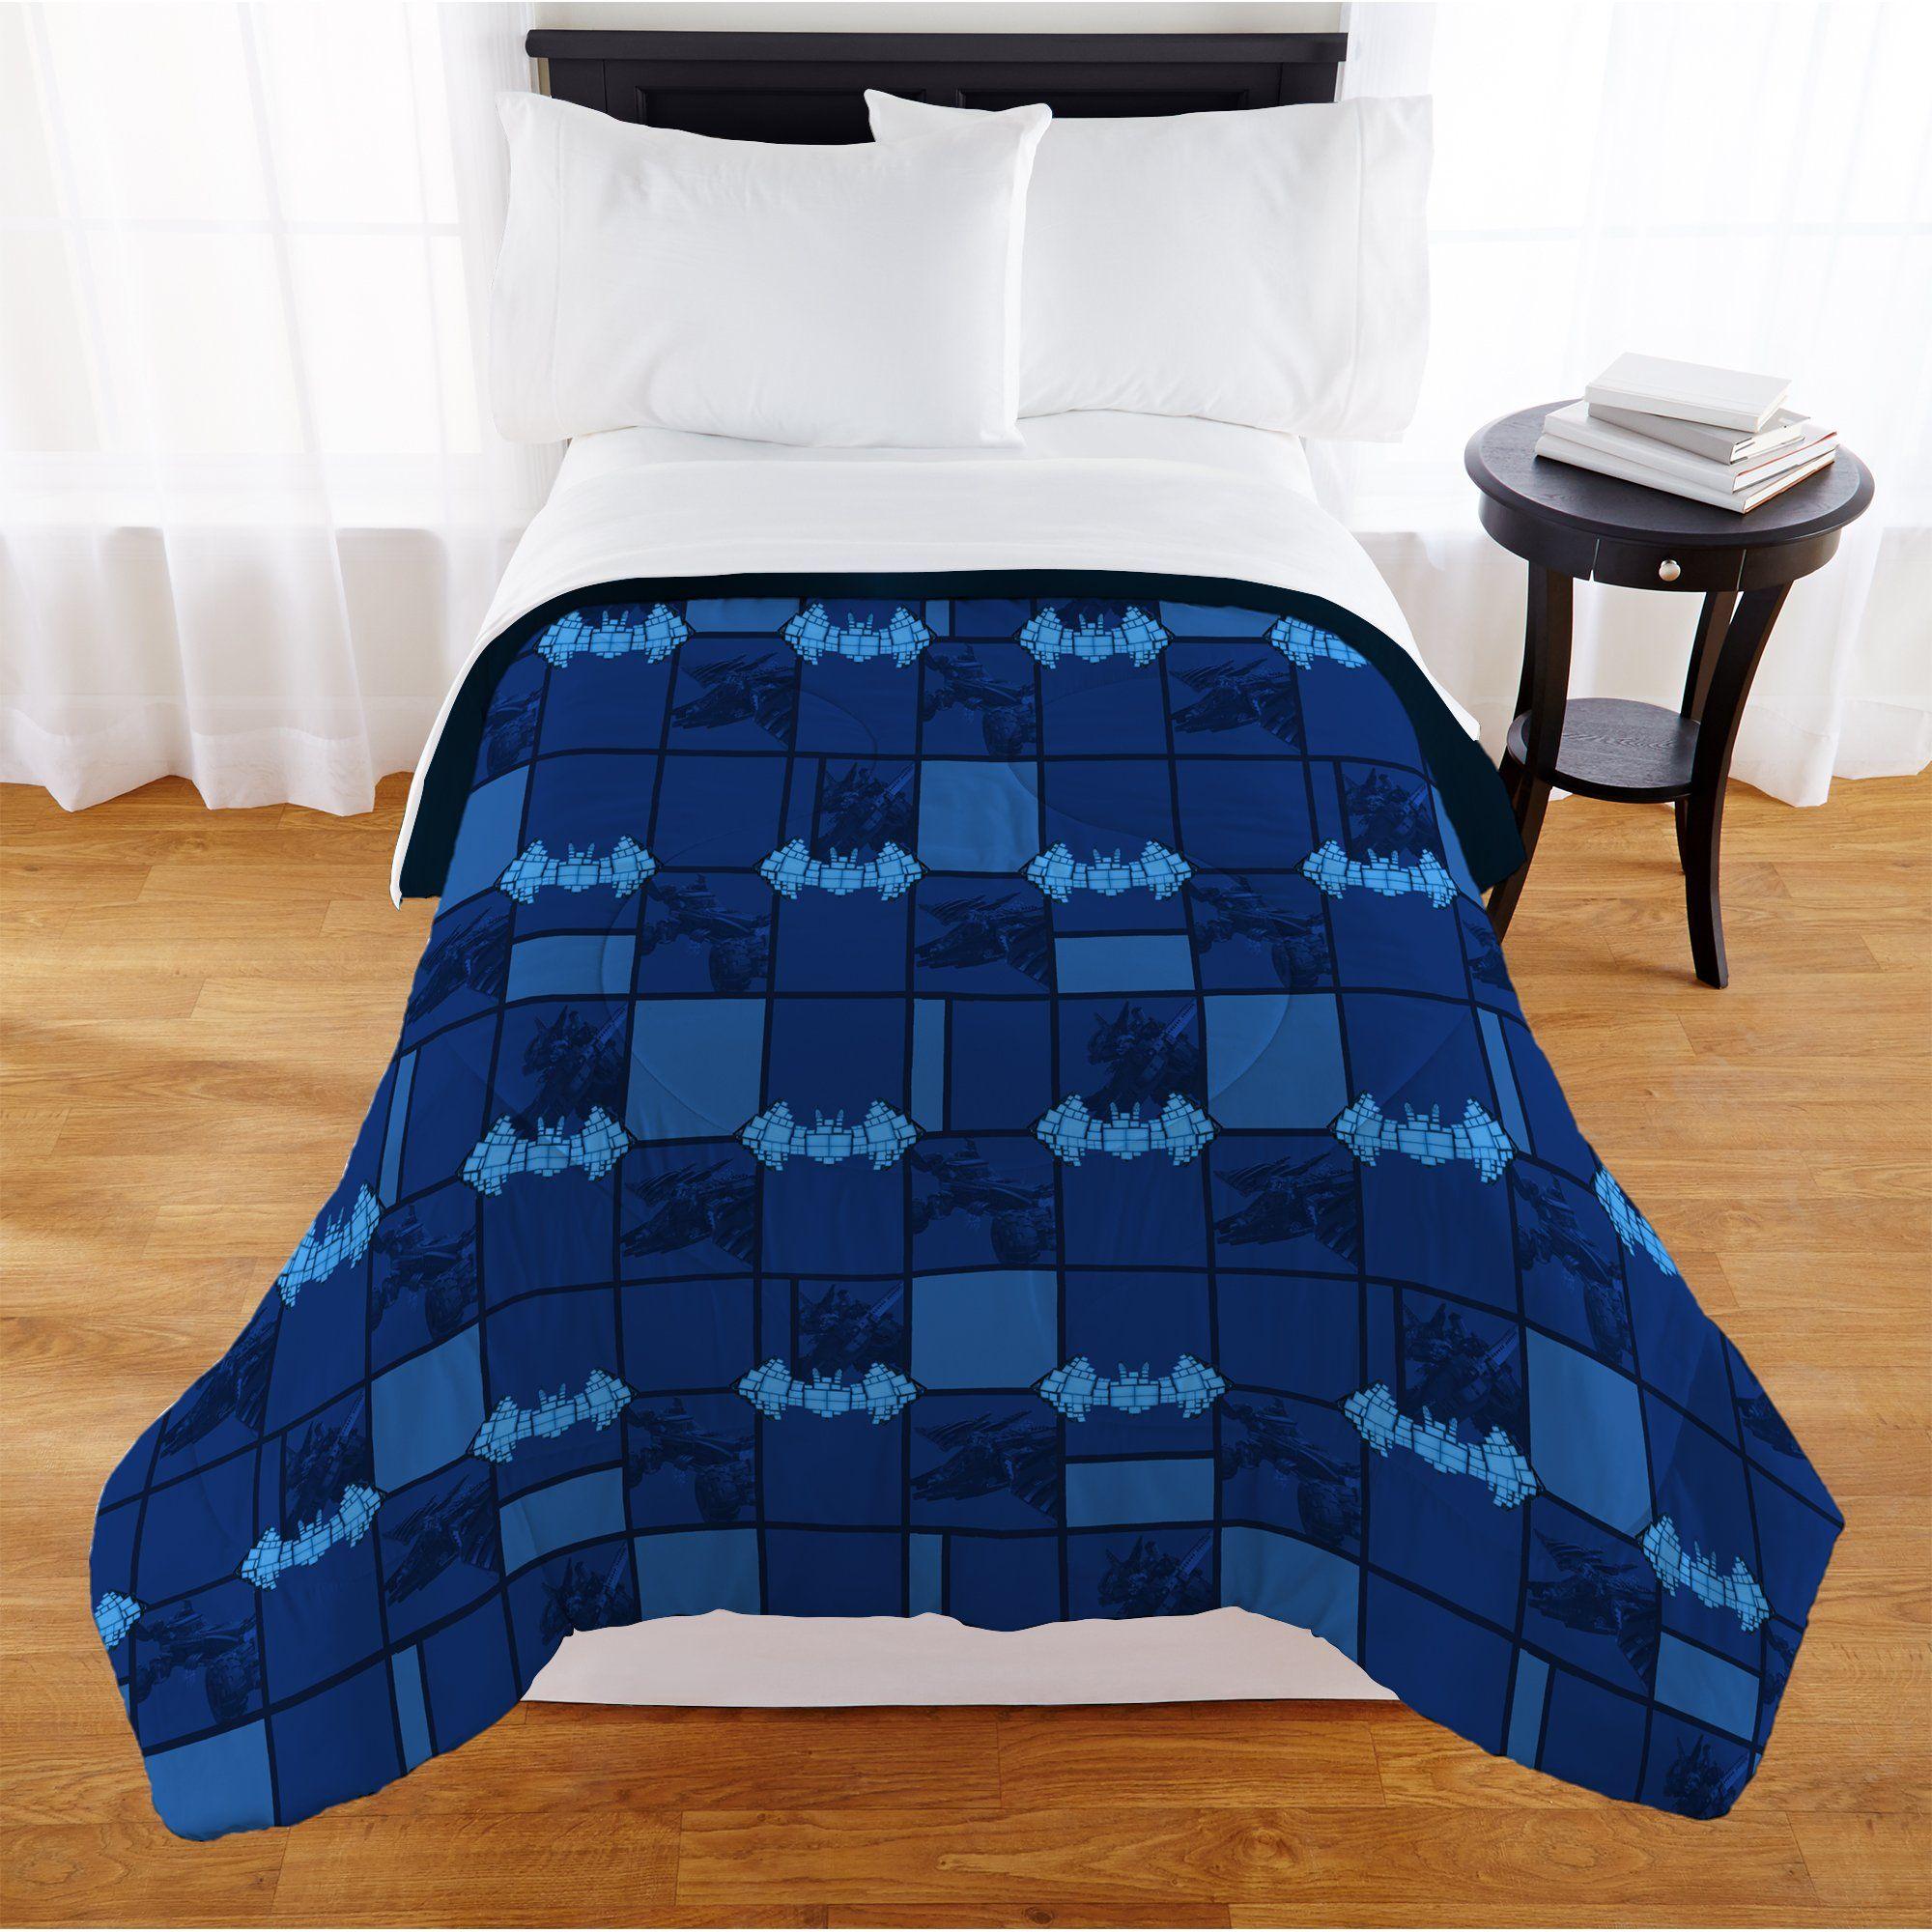 Lego Ml7668 Batman No Way Brozay Twin Full Comforter To View